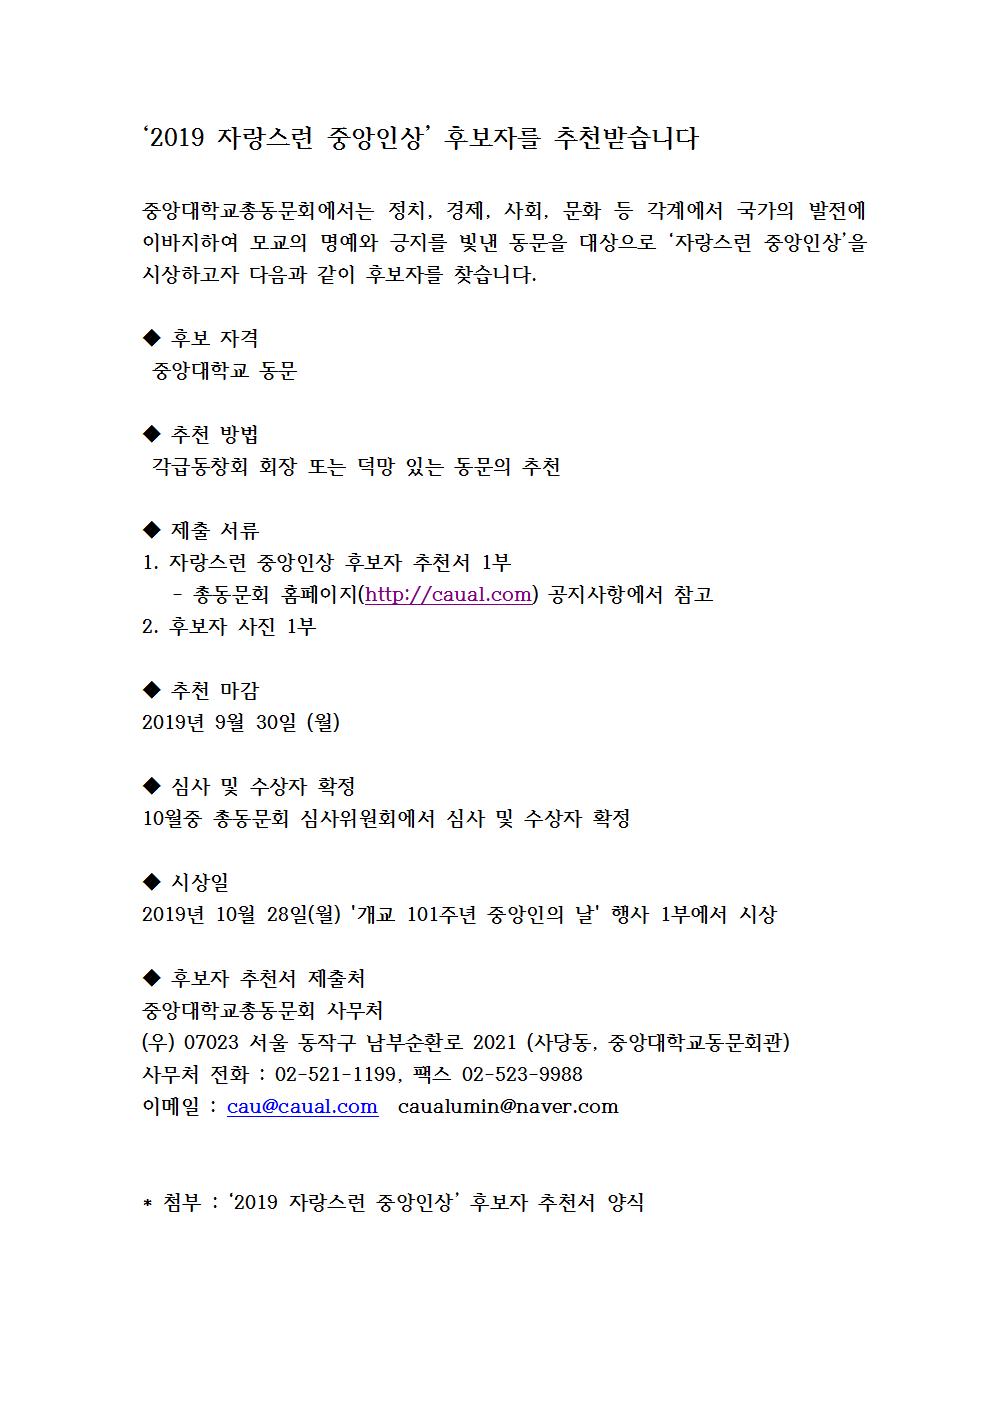 2019자랑스런중앙인상후보자추천(공지)001.png